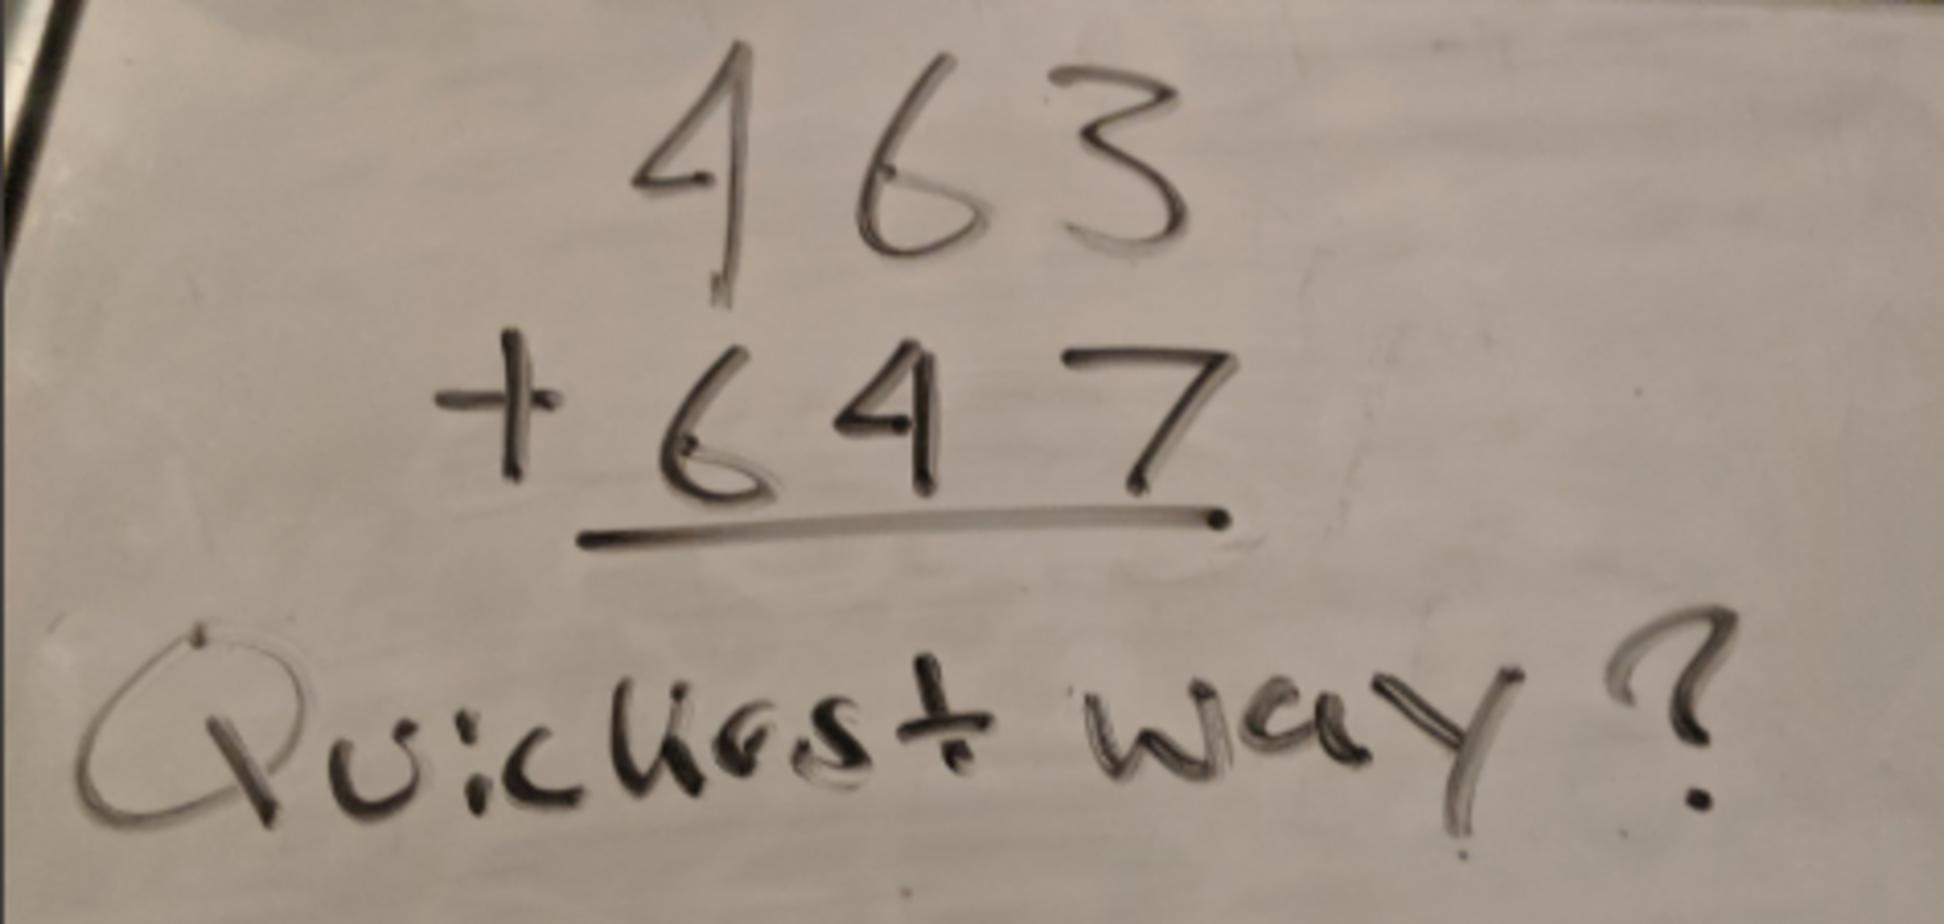 Простая математическая задача разделила сеть